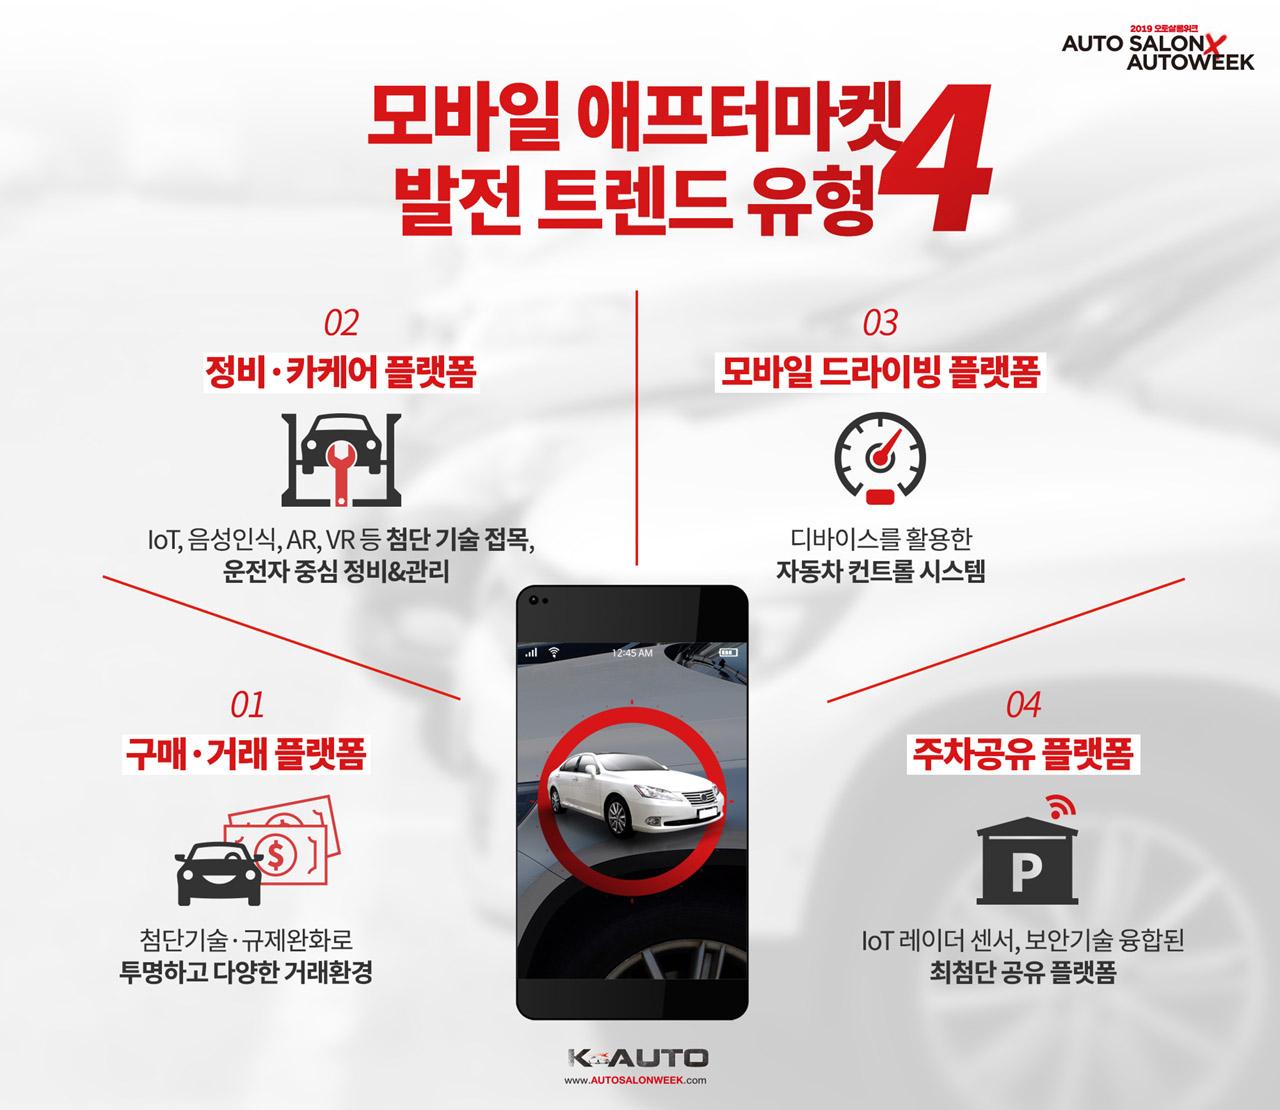 모바일 플랫폼 · 자동차 애프터마켓 결합, 디지털 애프터마켓 시장 확대 기대